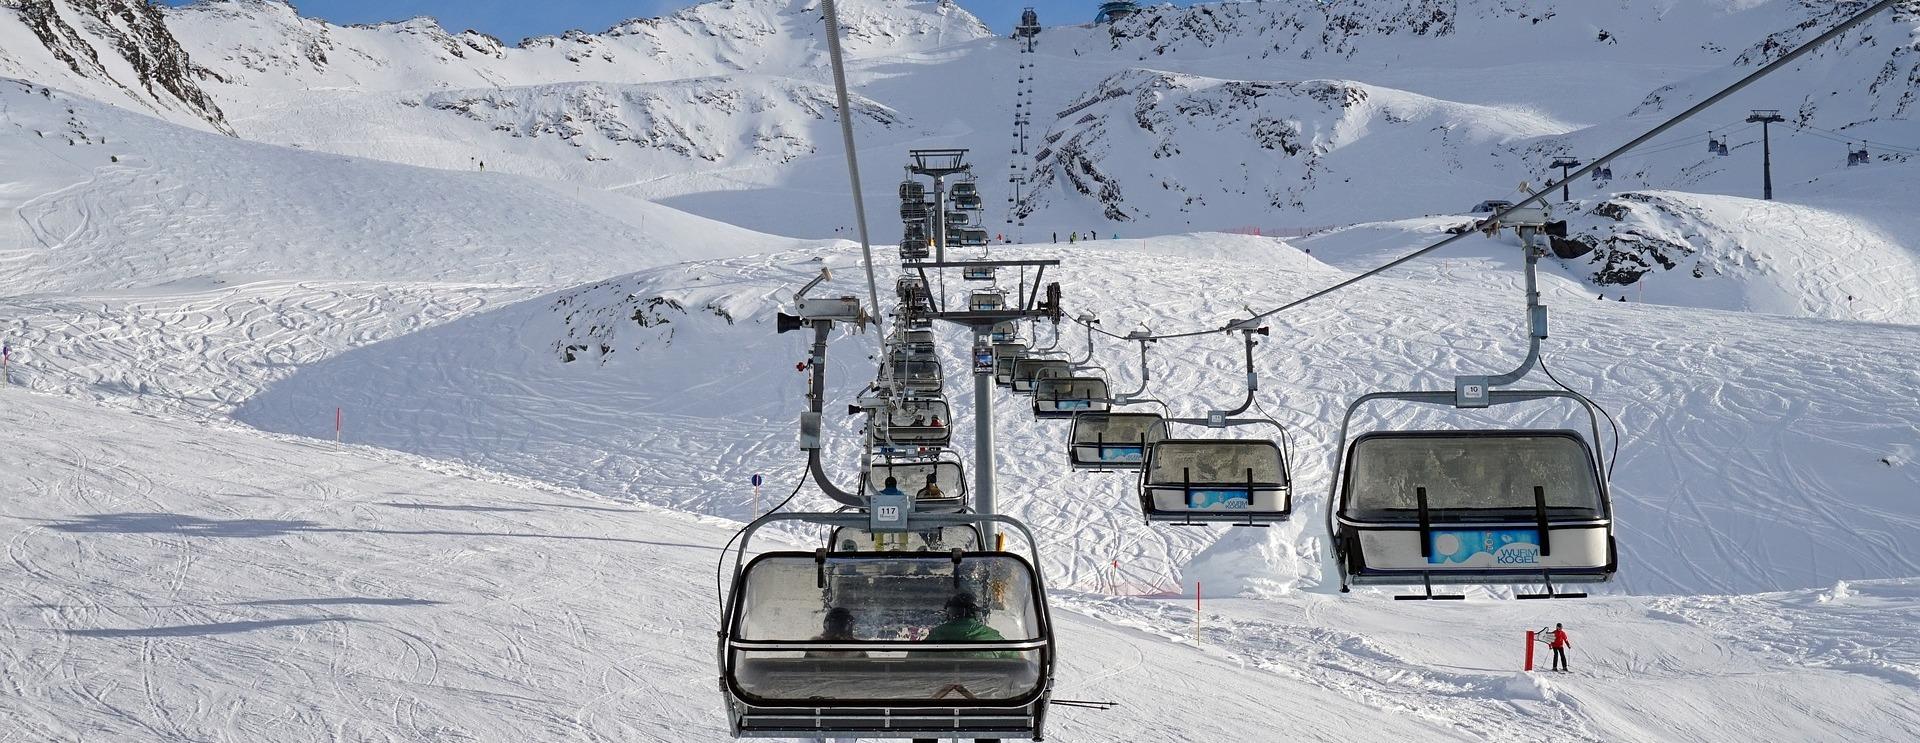 阿赫兹滑雪场的游客数量增加了5倍。